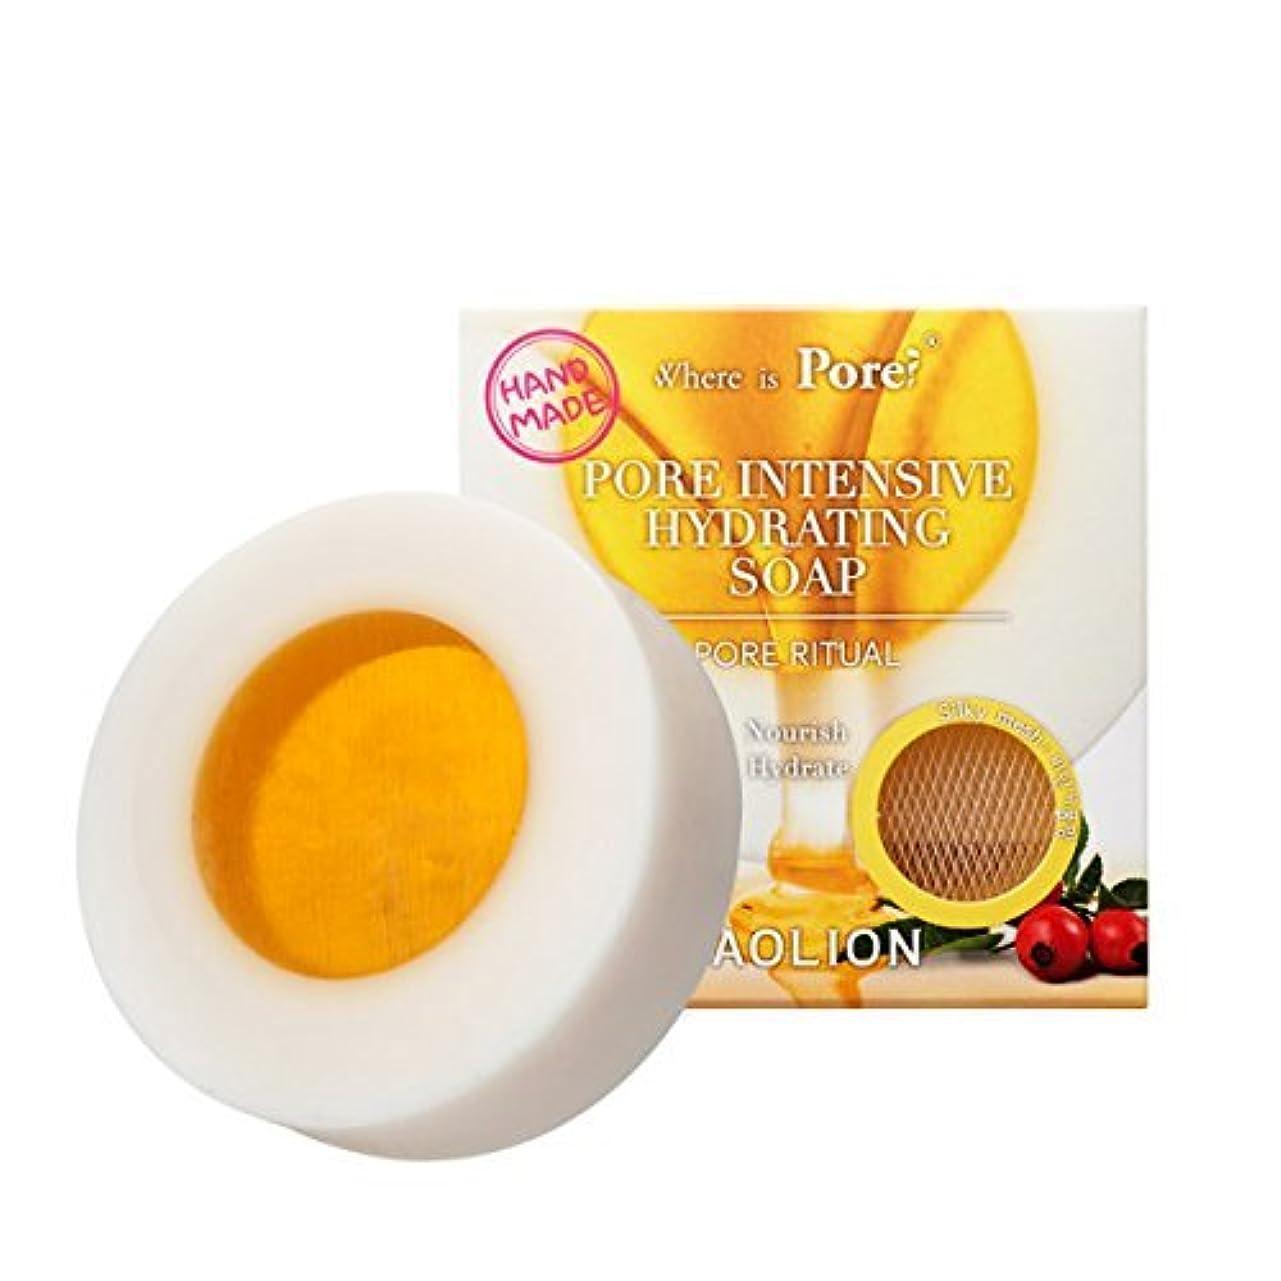 思春期のチャームダイバーCAOLION Pore Intensive Hydrating Soap やさしいソープモイスチャーソープ [海外直送品] [並行輸入品]